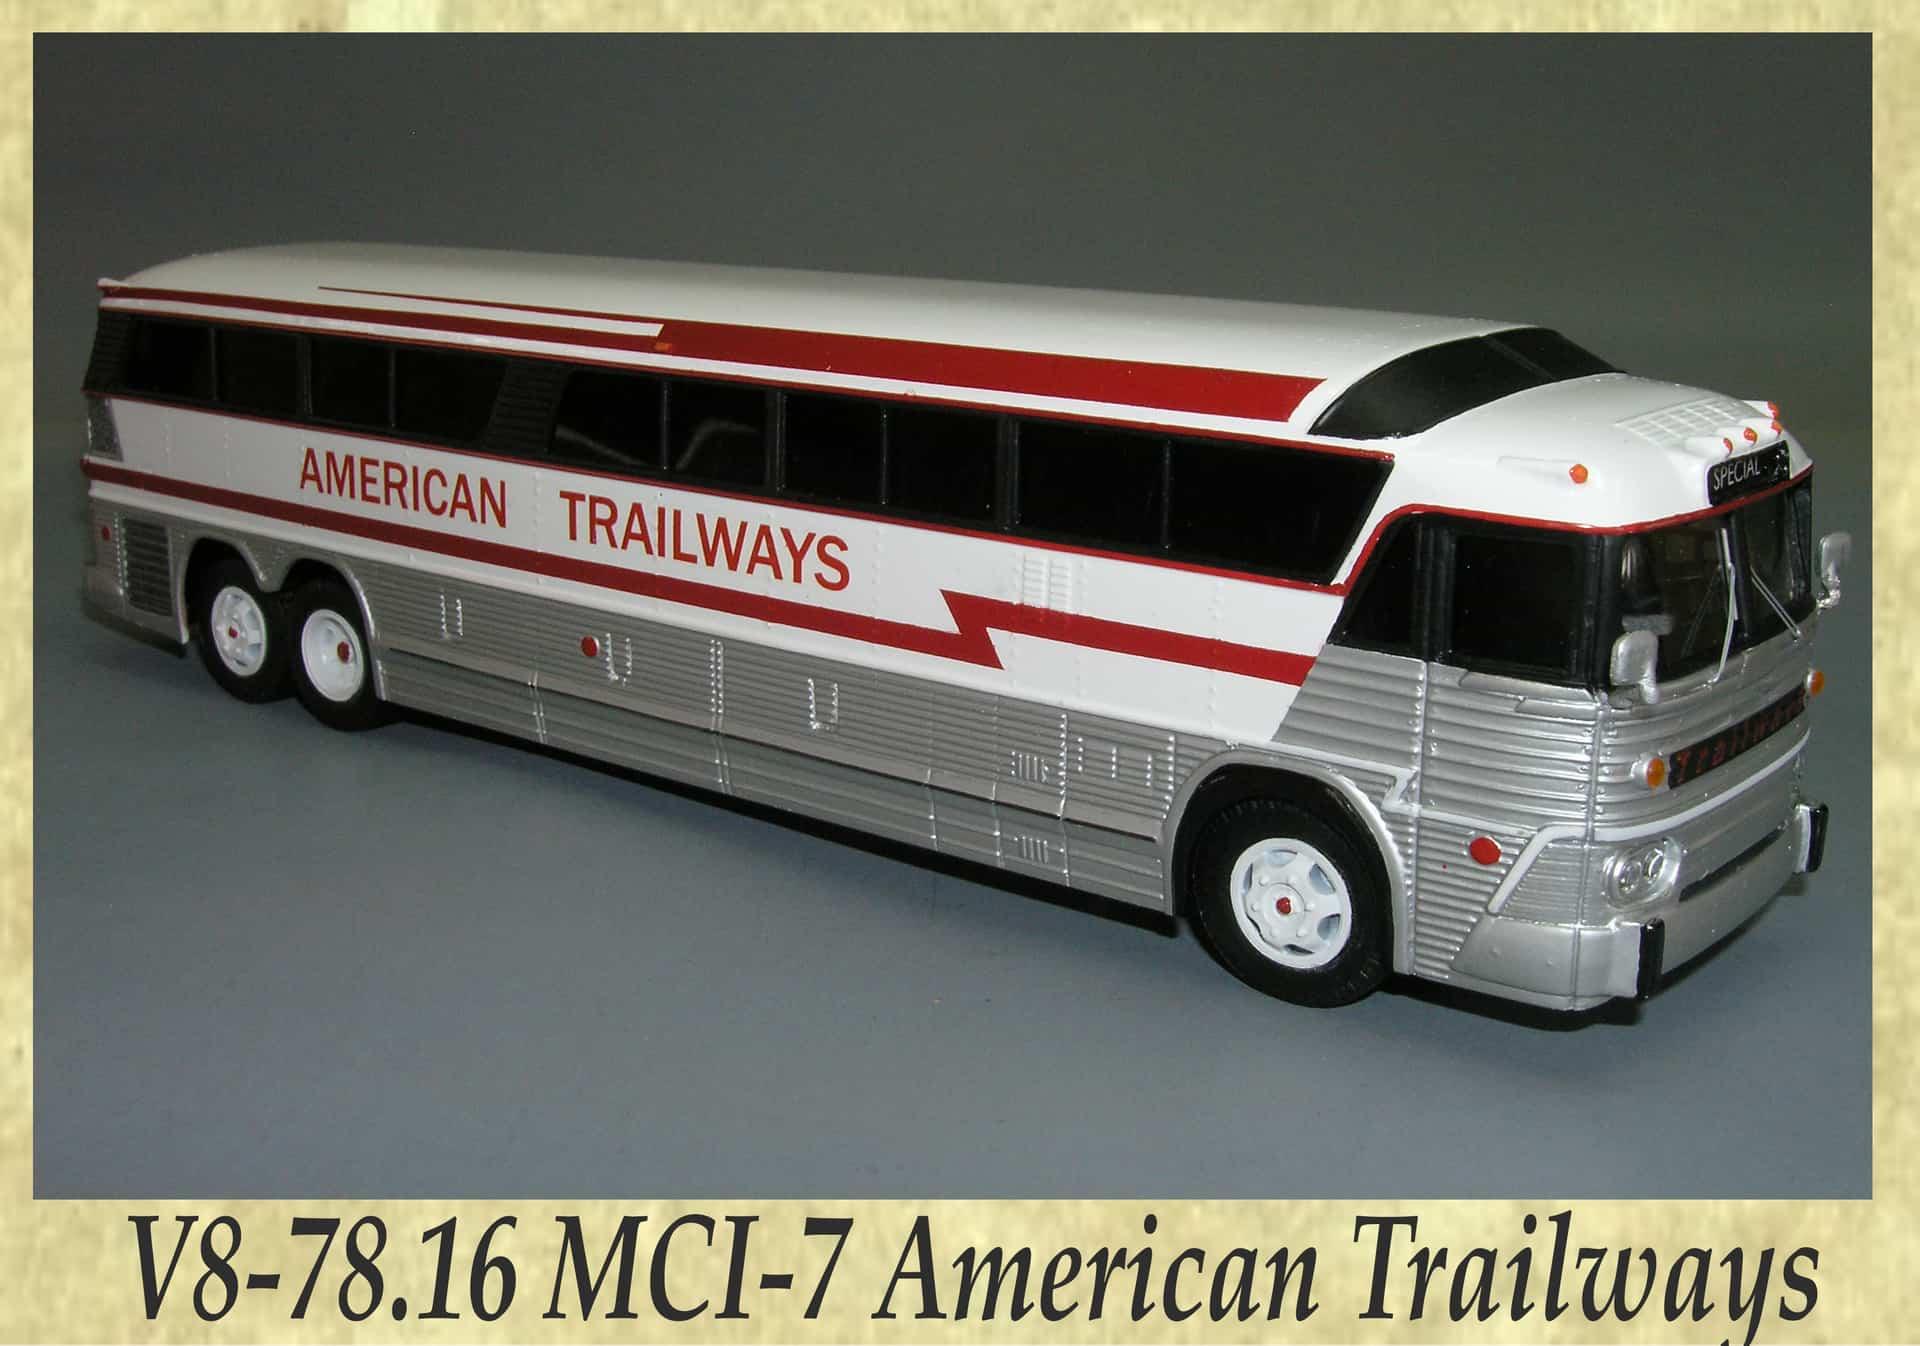 V8-78.16 MCI-7 American Trailways